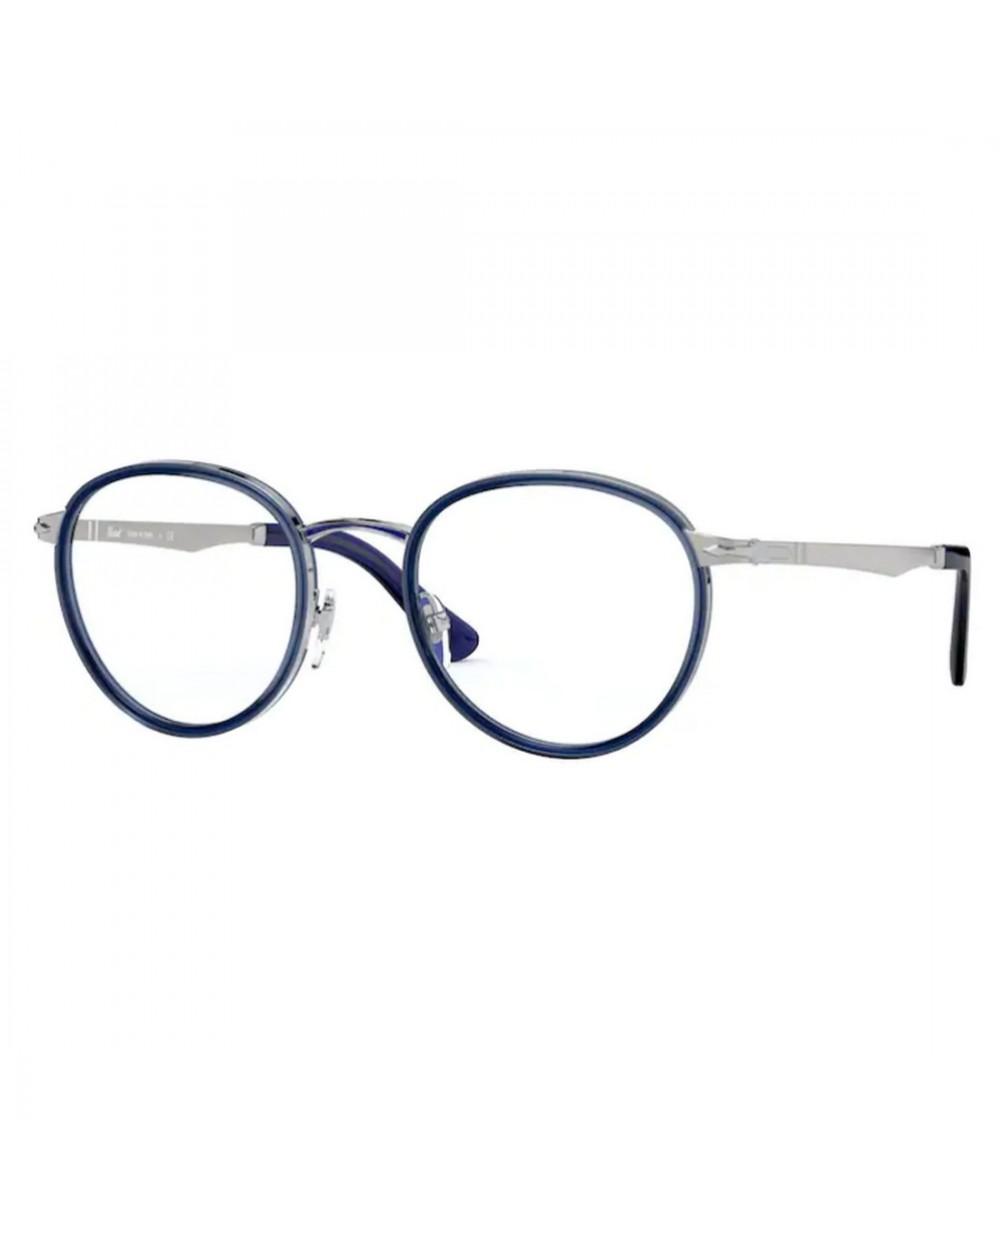 Occhiale da vista Persol confezione originale garanzia Italia